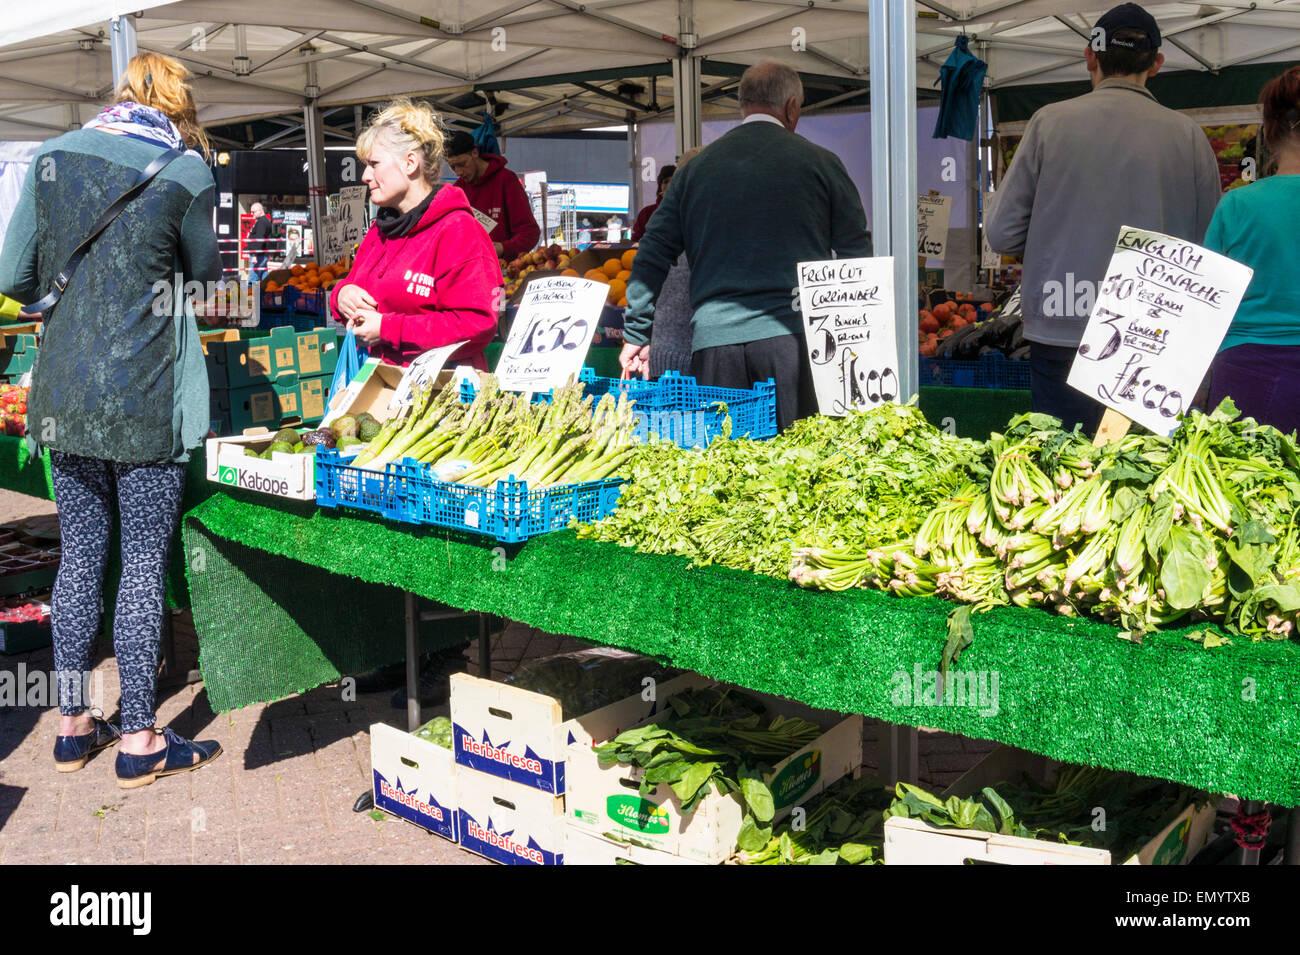 Fruit and Veg Market Stall Stoke on Trent England UK GB EU Europe - Stock Image